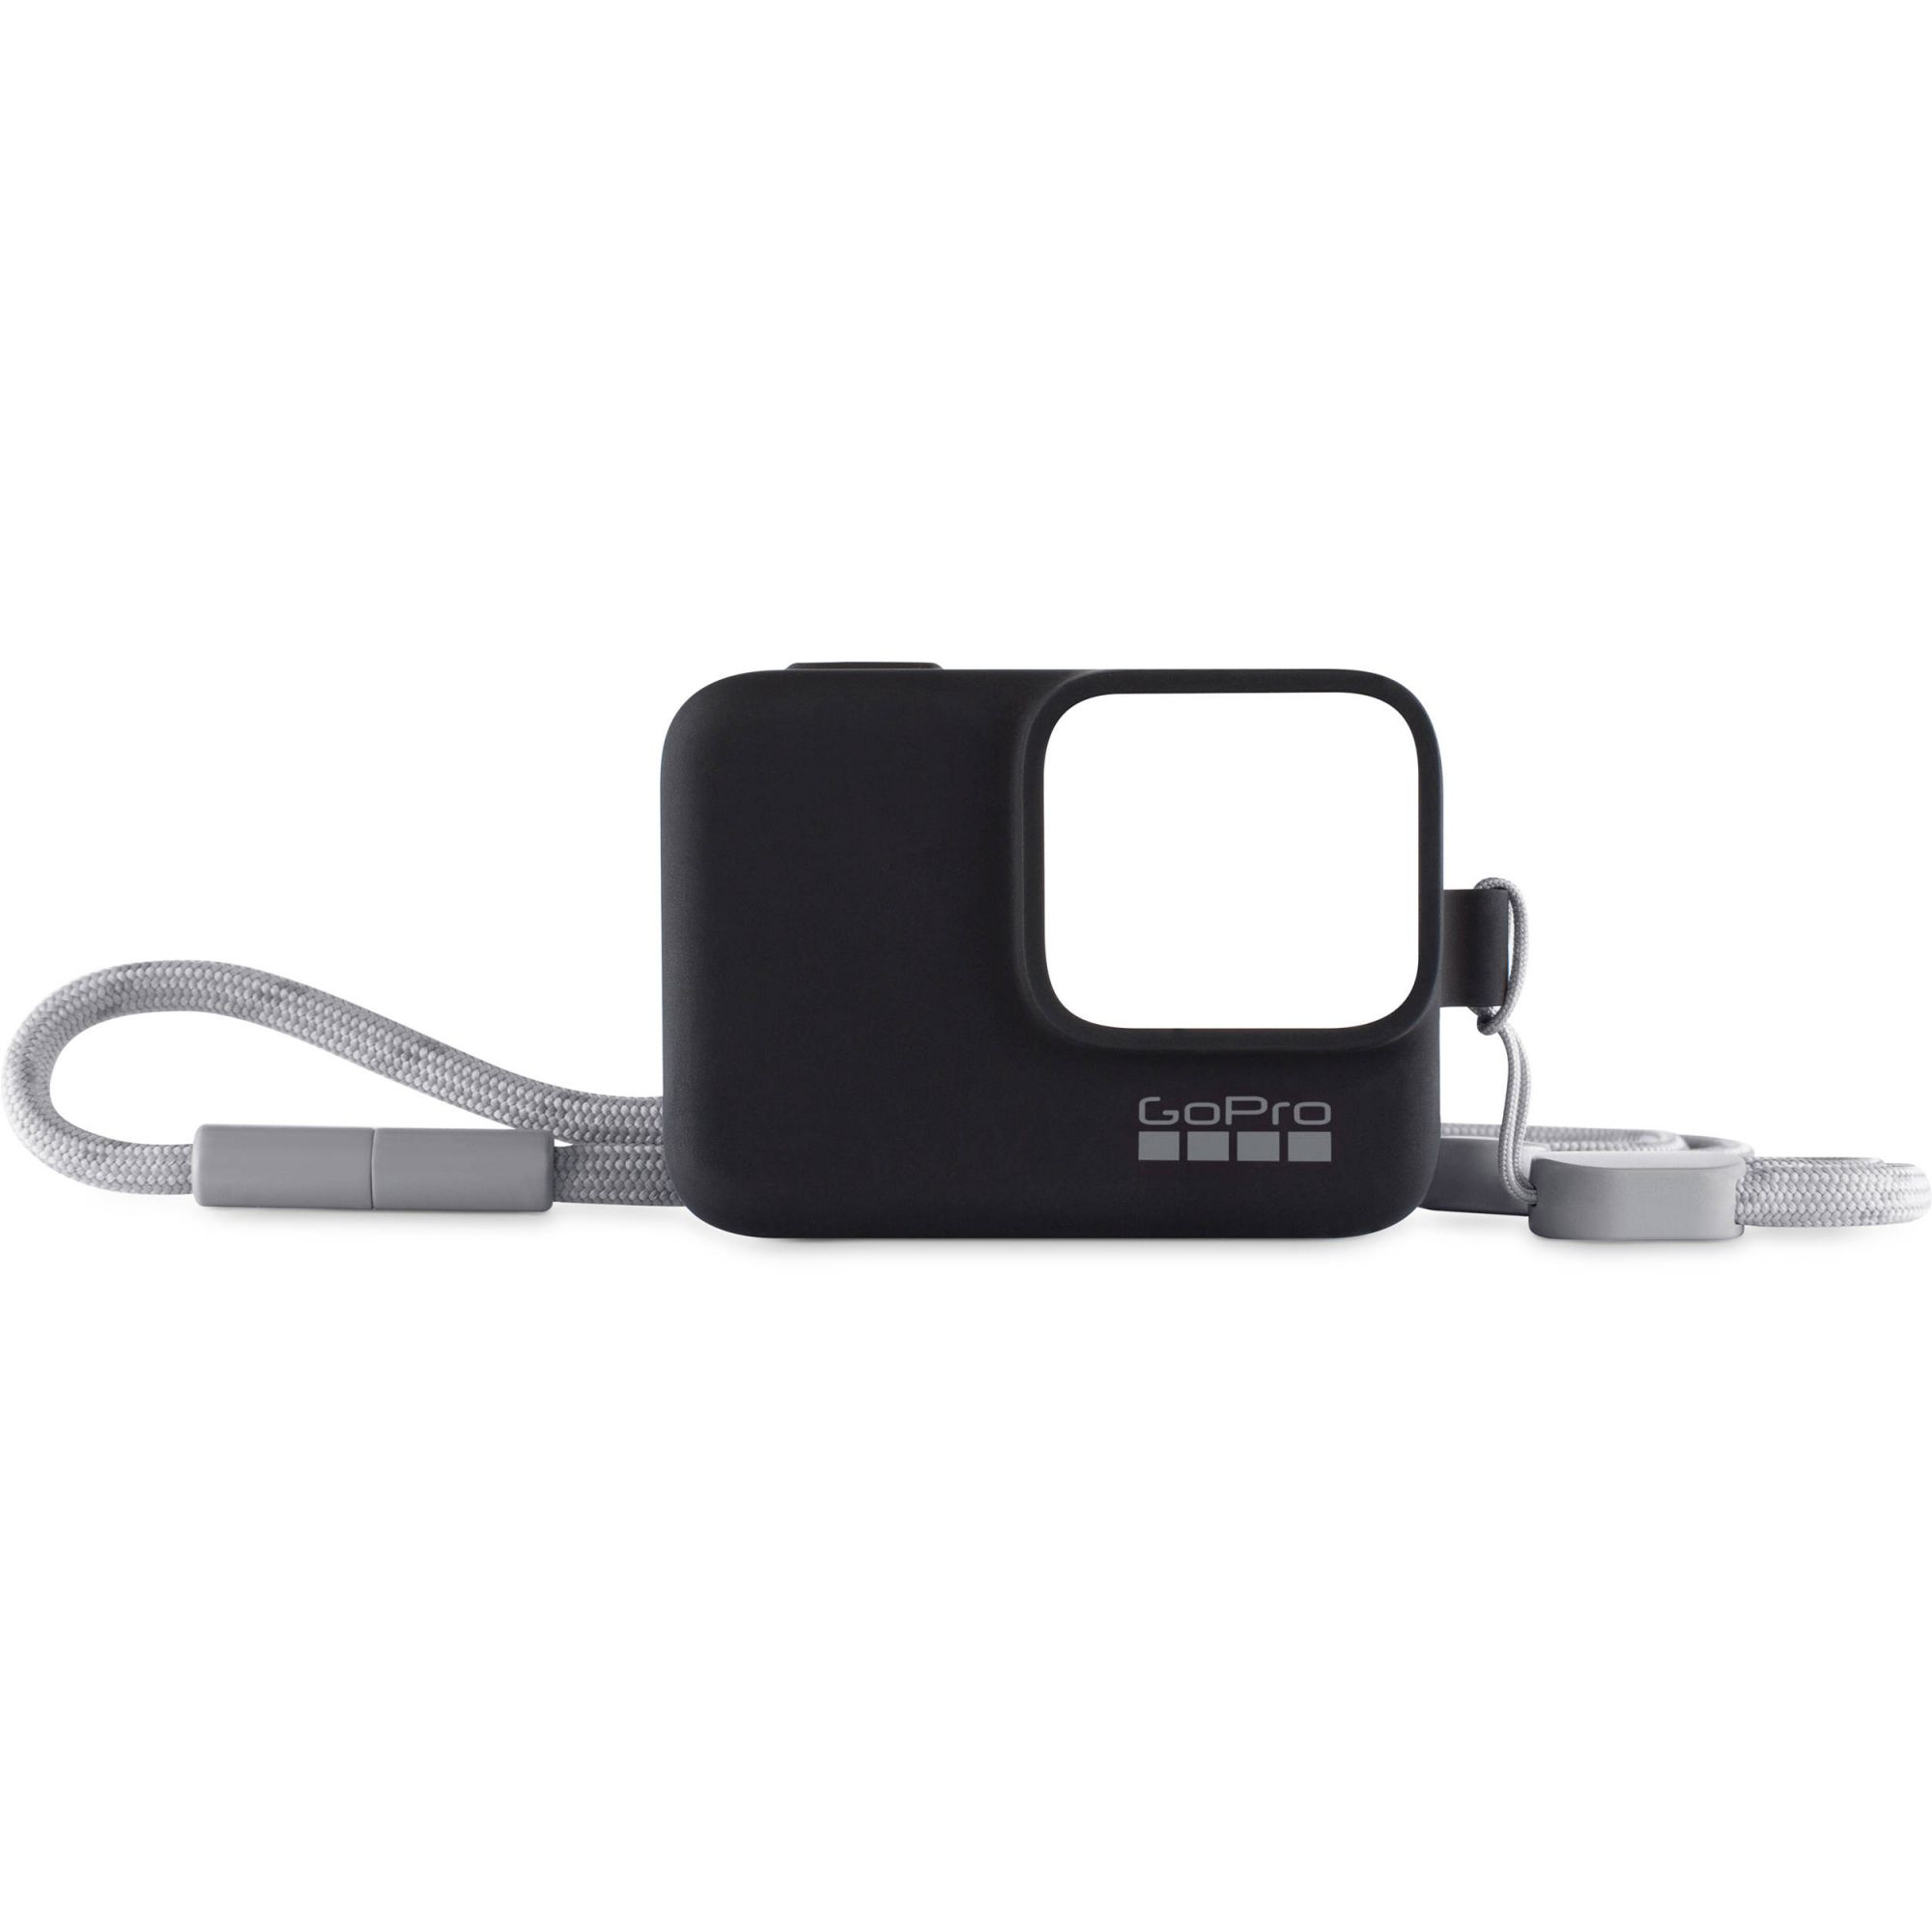 Capa de Silicone + Cordão GoPro Sleeve Preto Original  ACSST-001 Hero 5/6/7